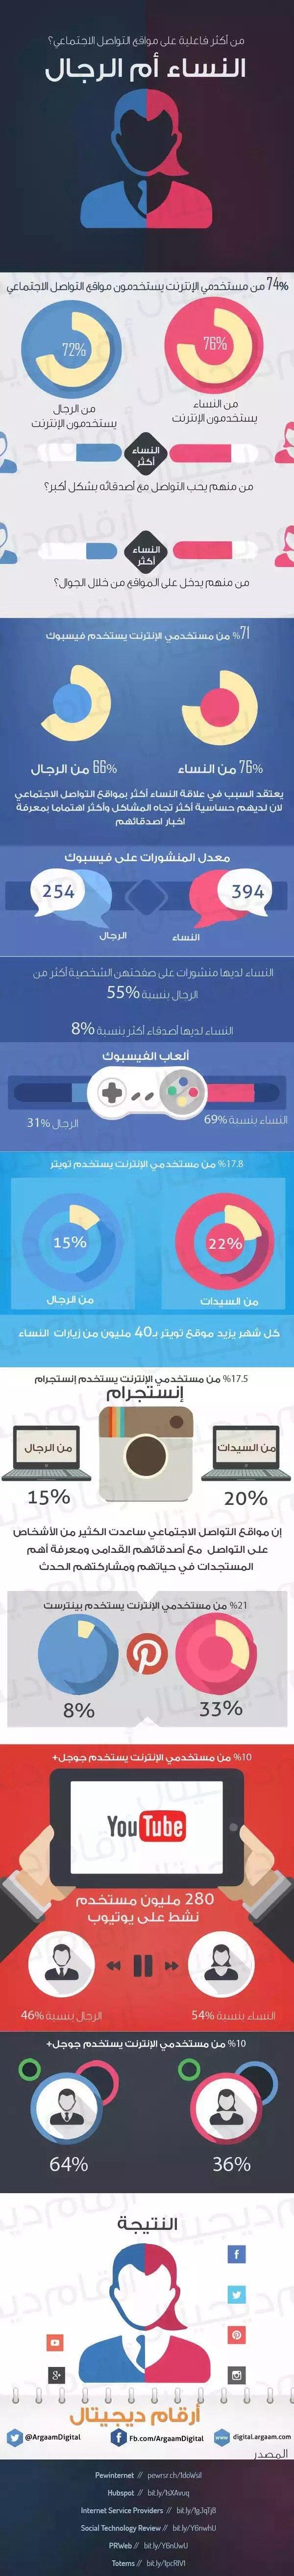 النساء هن الأكثر فاعلية على مواقع التواصل الاجتماعي #انفوجرافيك